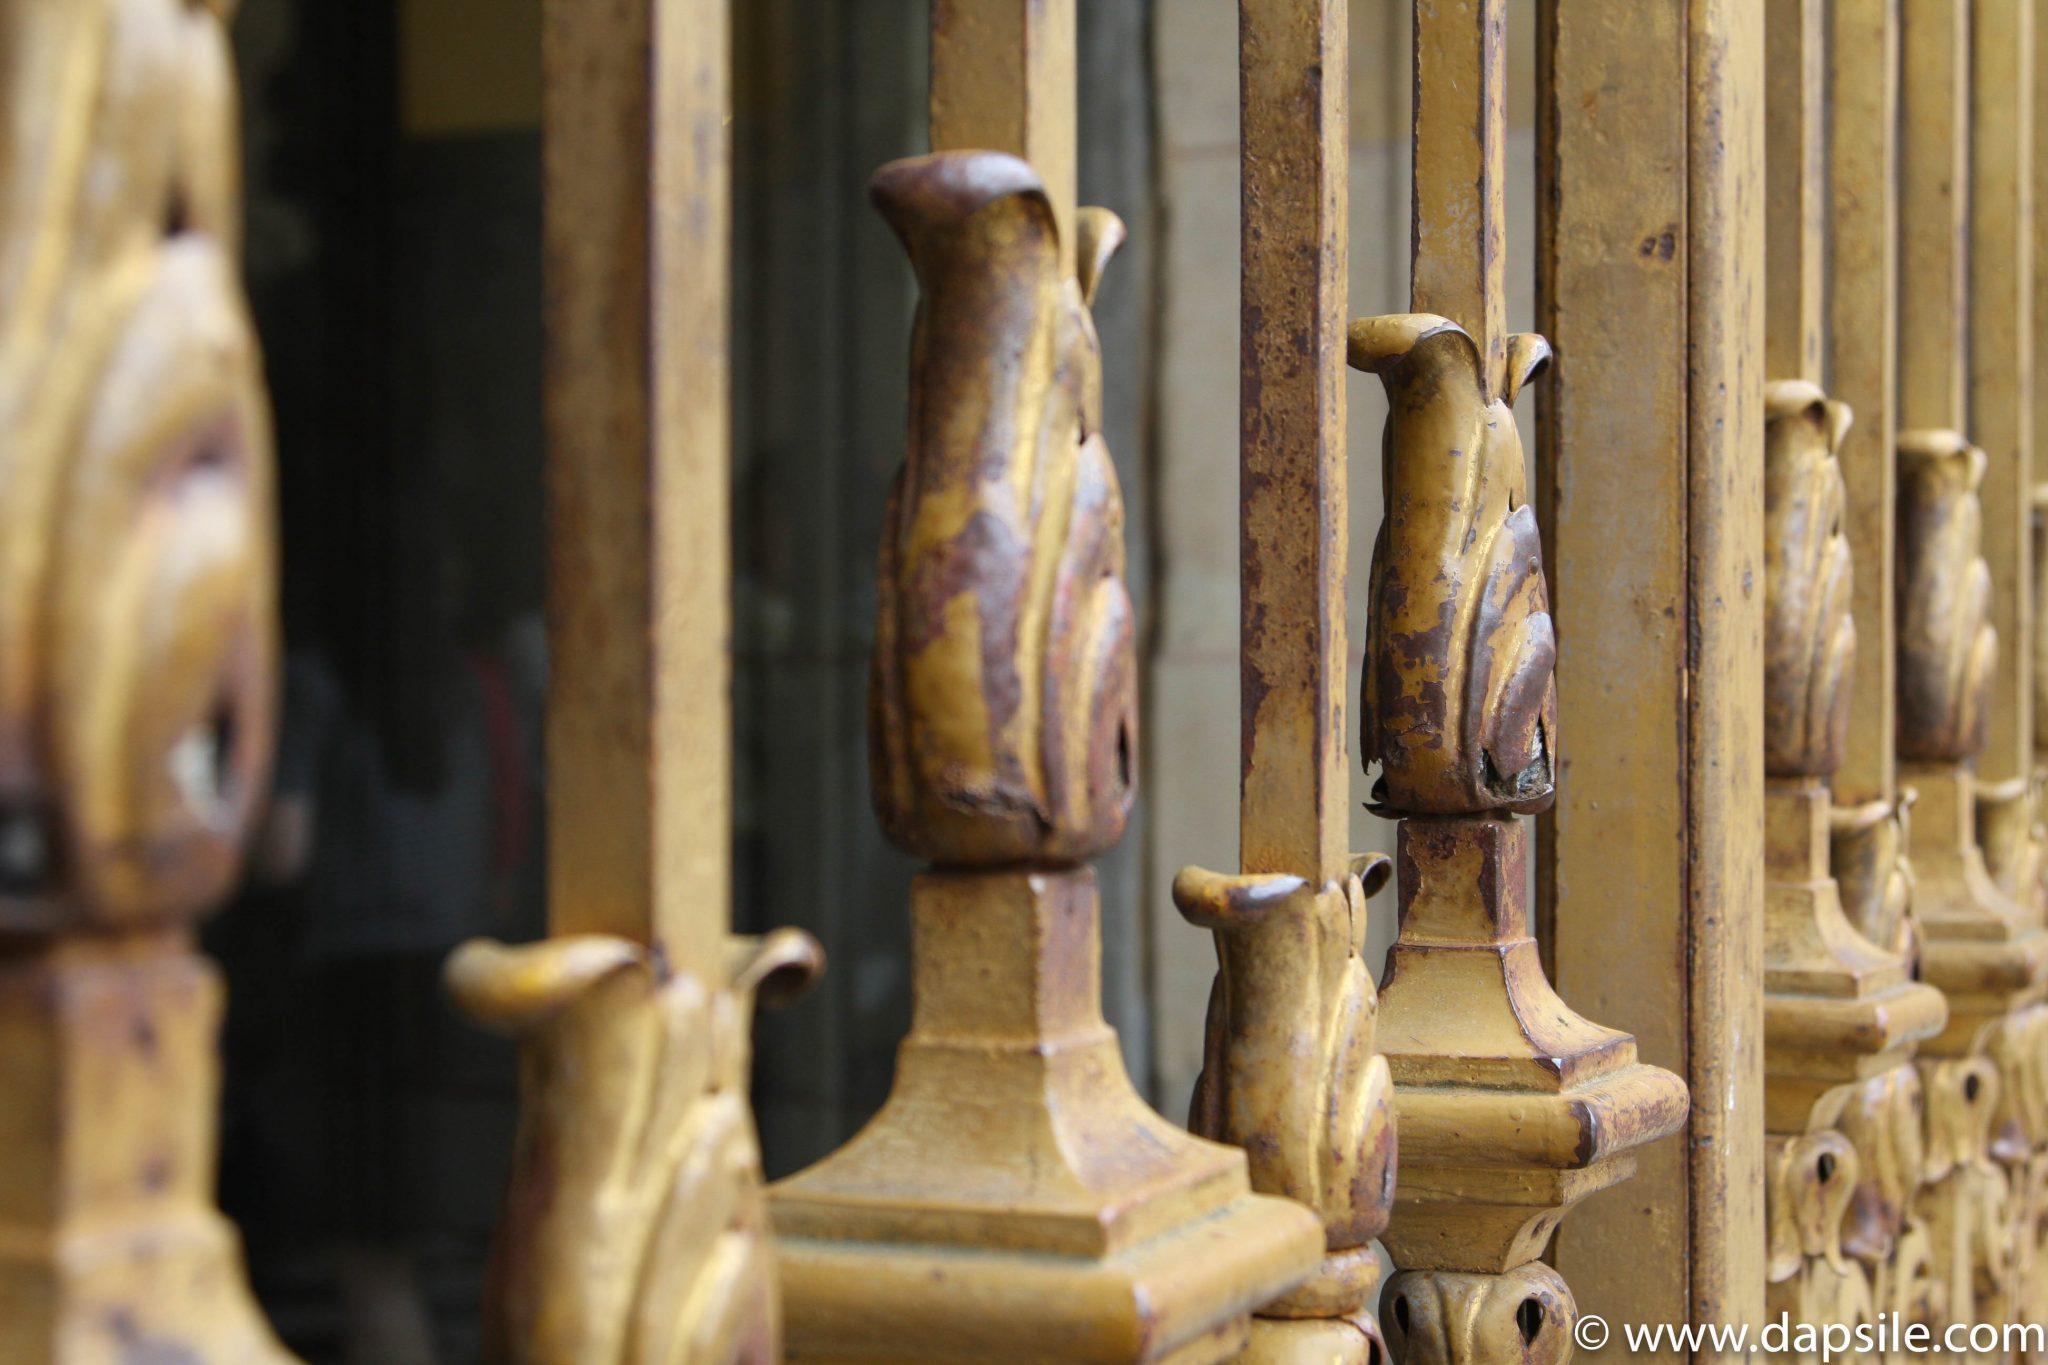 Decorative Bars at the Palace of Versailles at Paris Sights